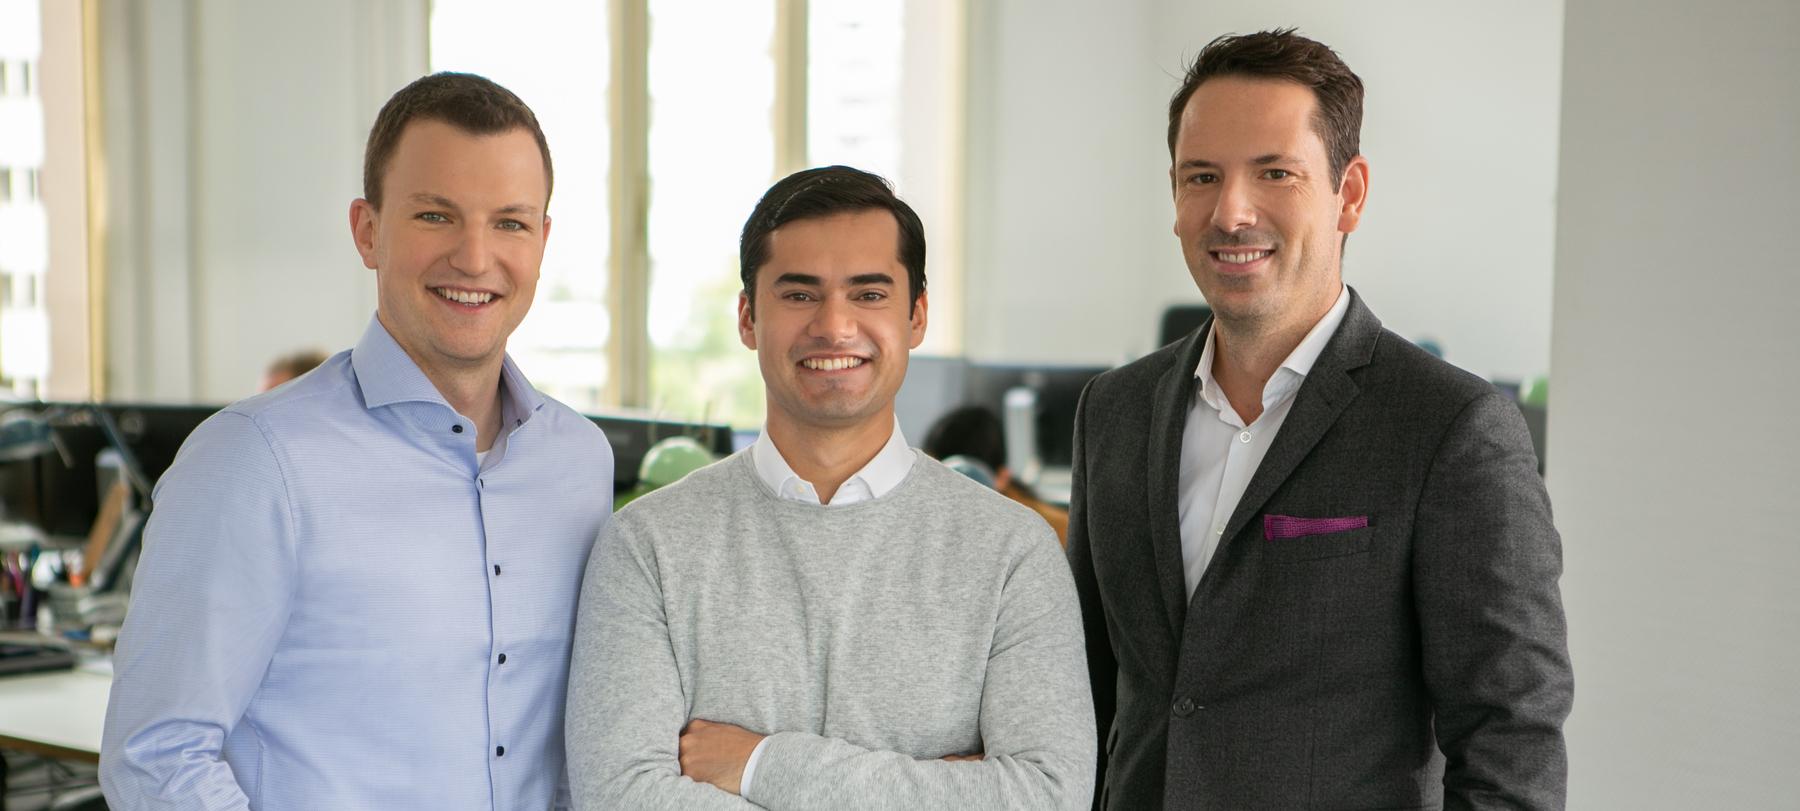 Immobilien-Investmentplattform Linus Capital sammelt 300 Mio. Euro ein